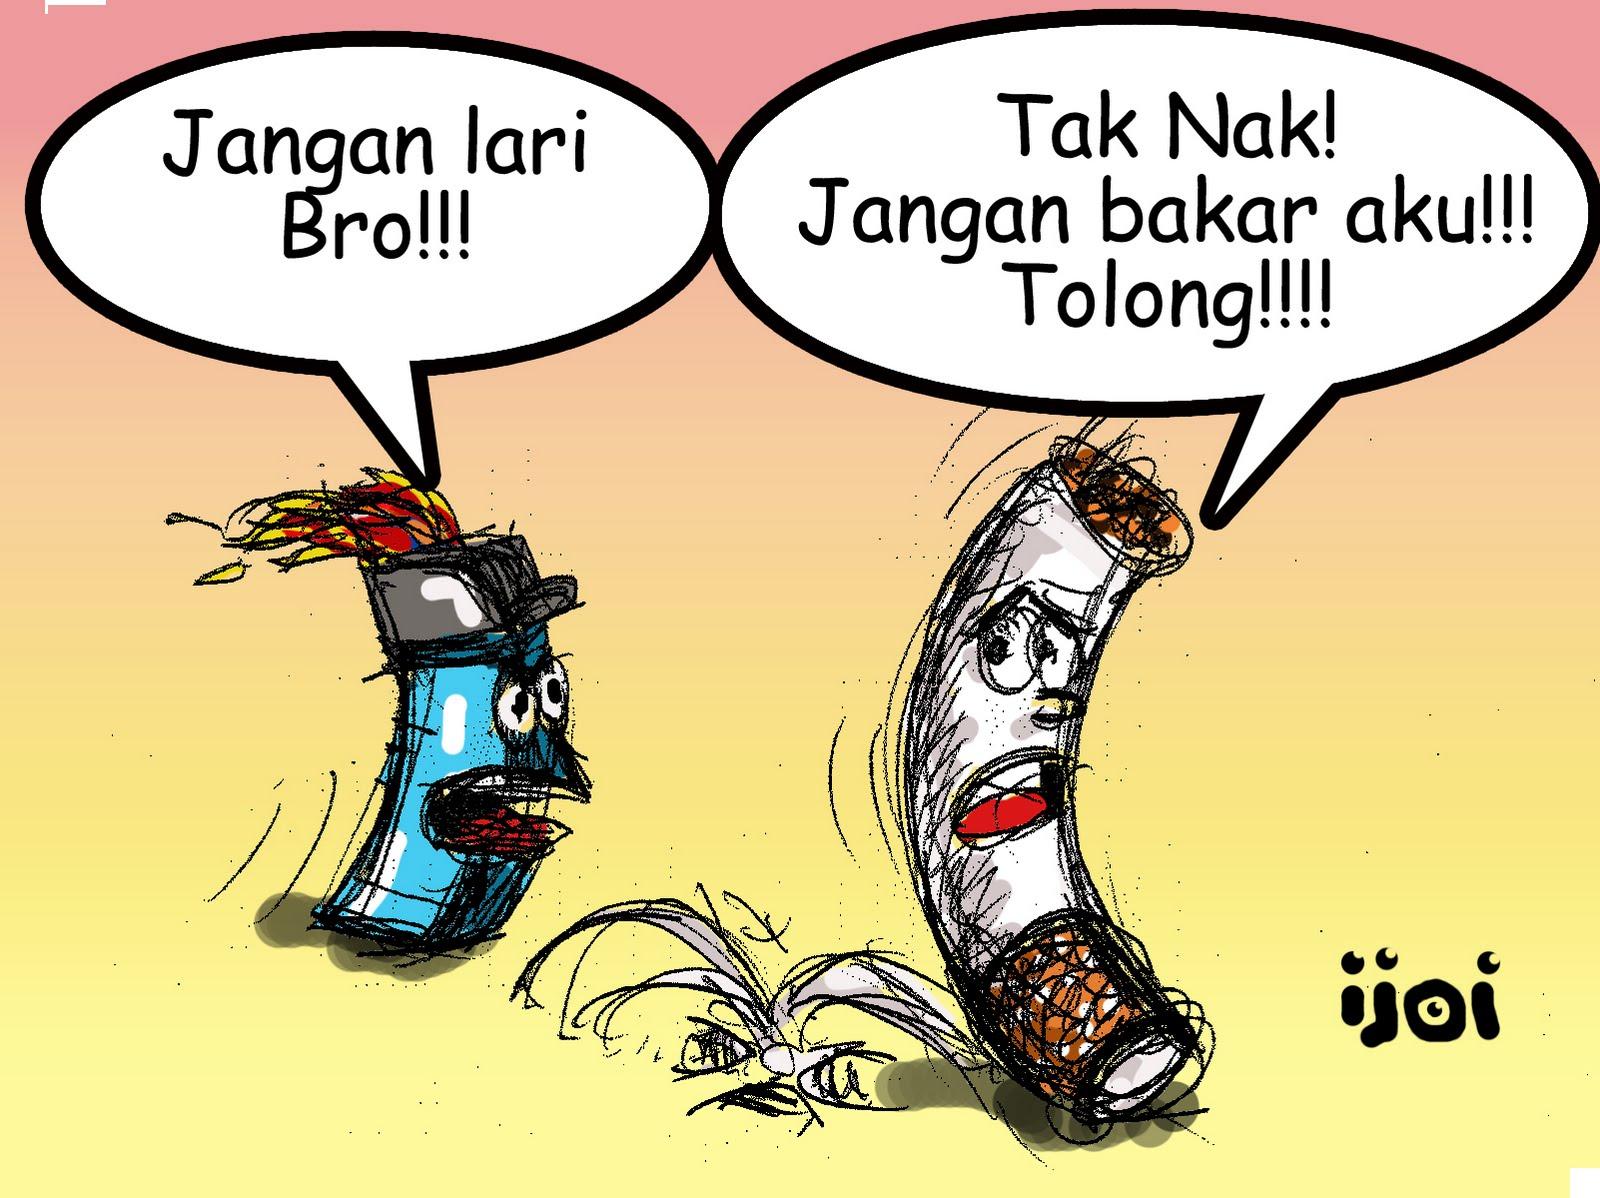 Bahaya Merokok Gambar Animasi Kumpulan Gambar Kartun Bahaya Rokok Himpun Kartun